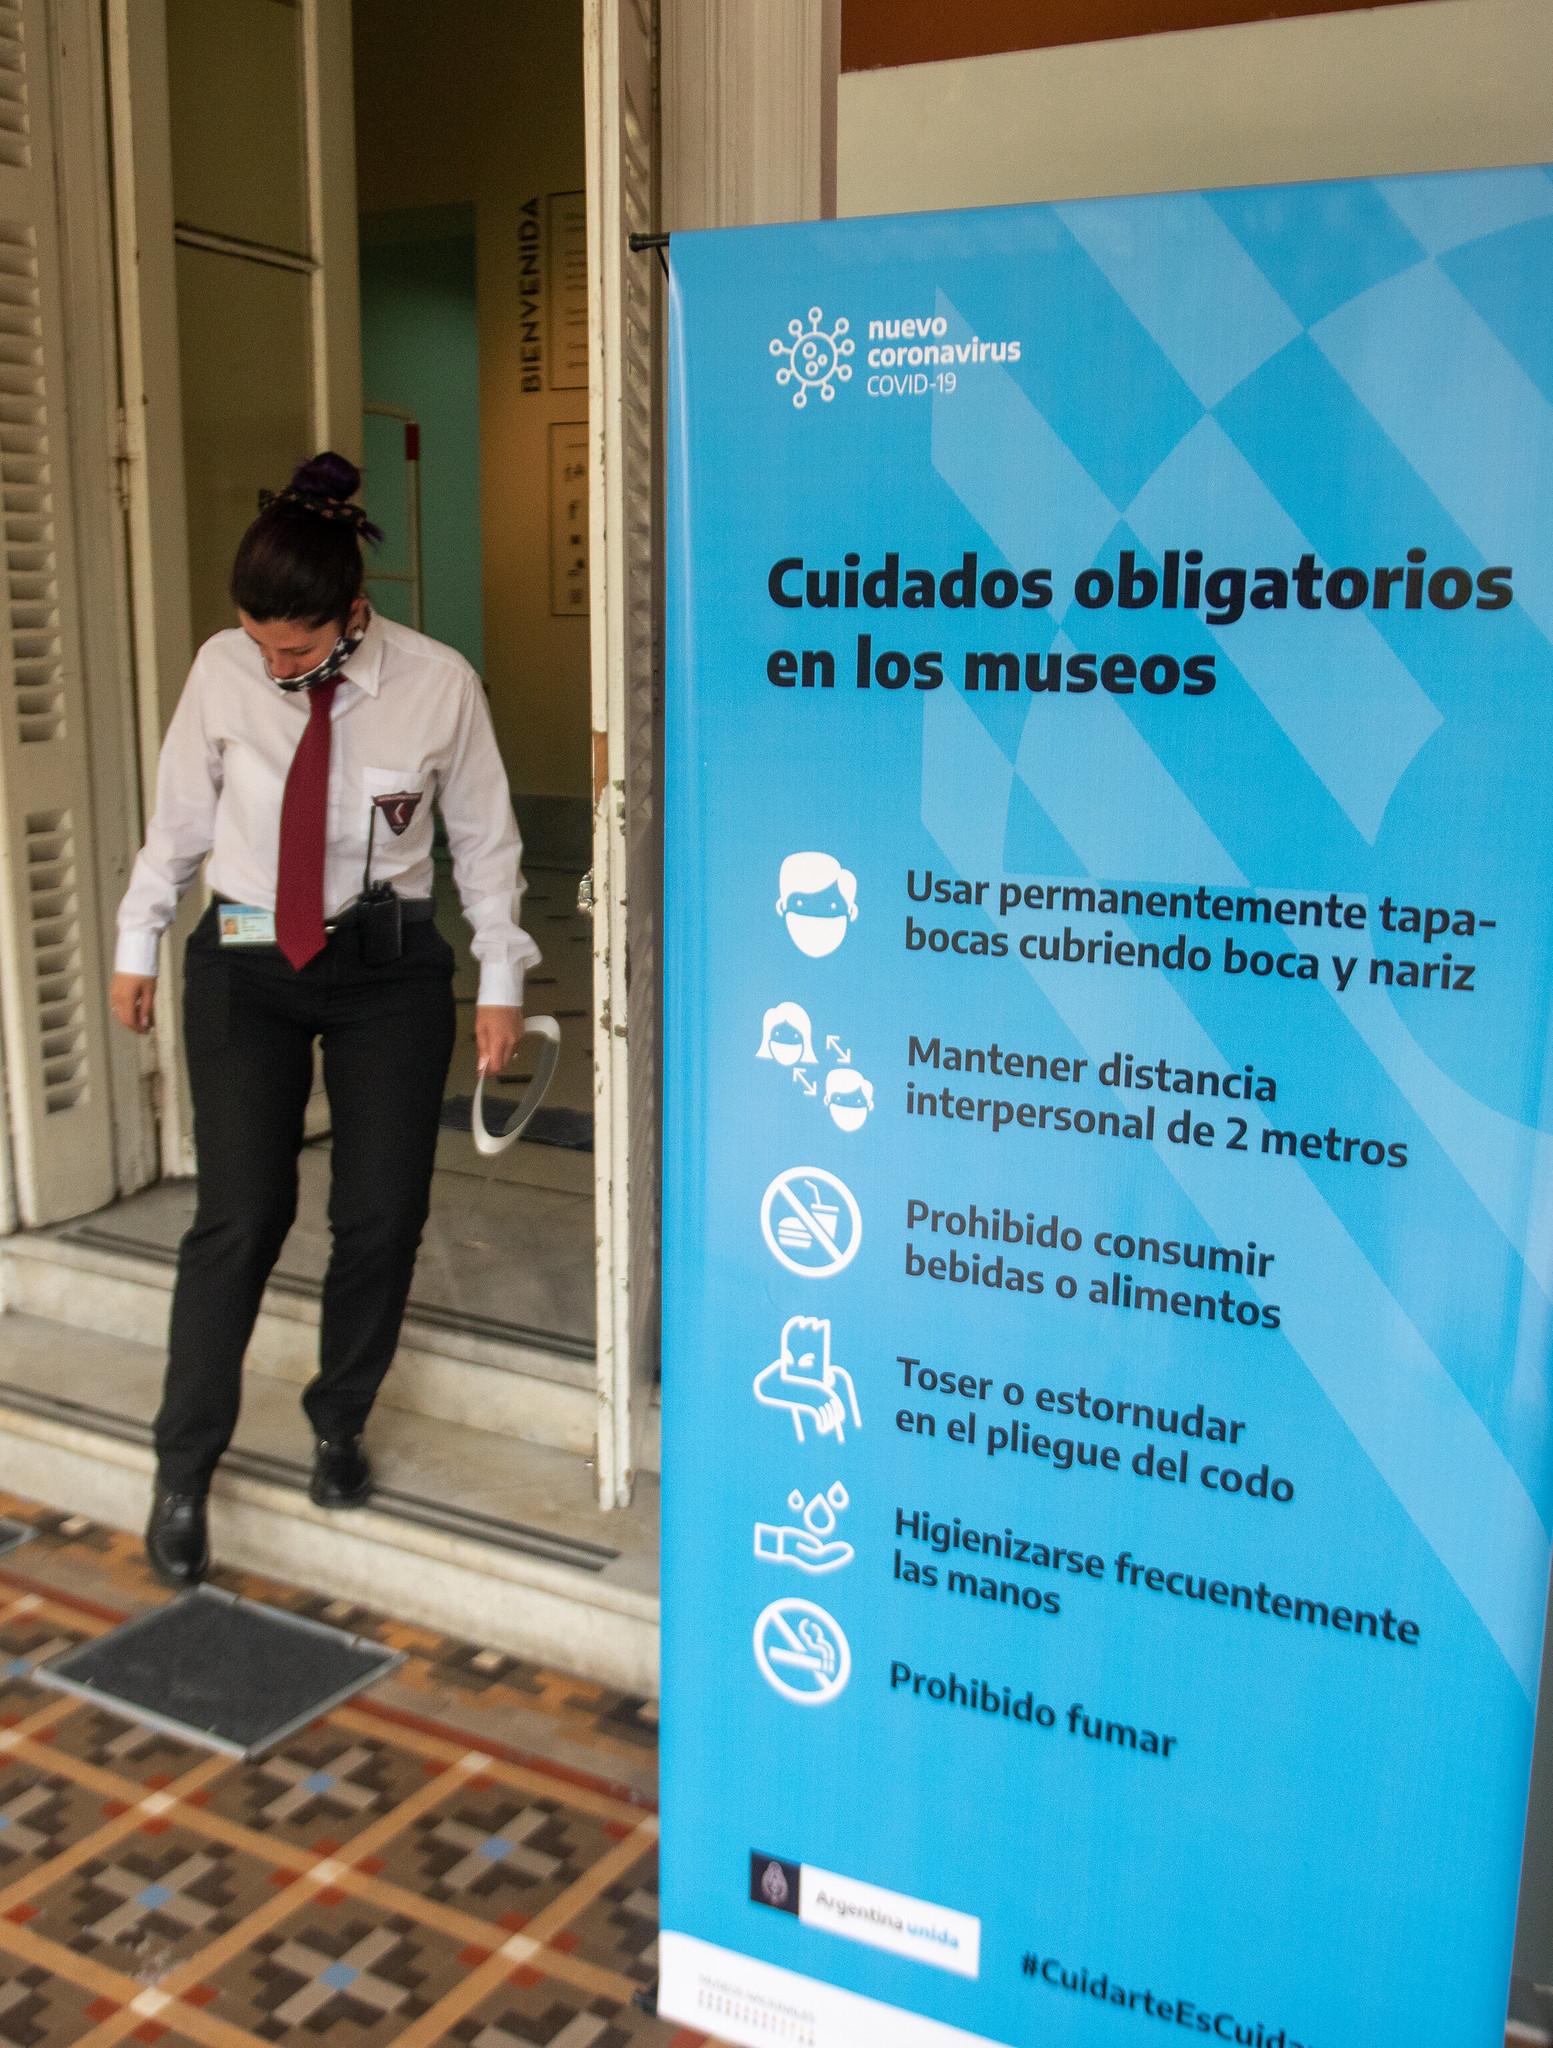 Está prohibido consumir bebidas o alimentos y se recomienda una constante higienización de las manos (Ministerio de Cultura)